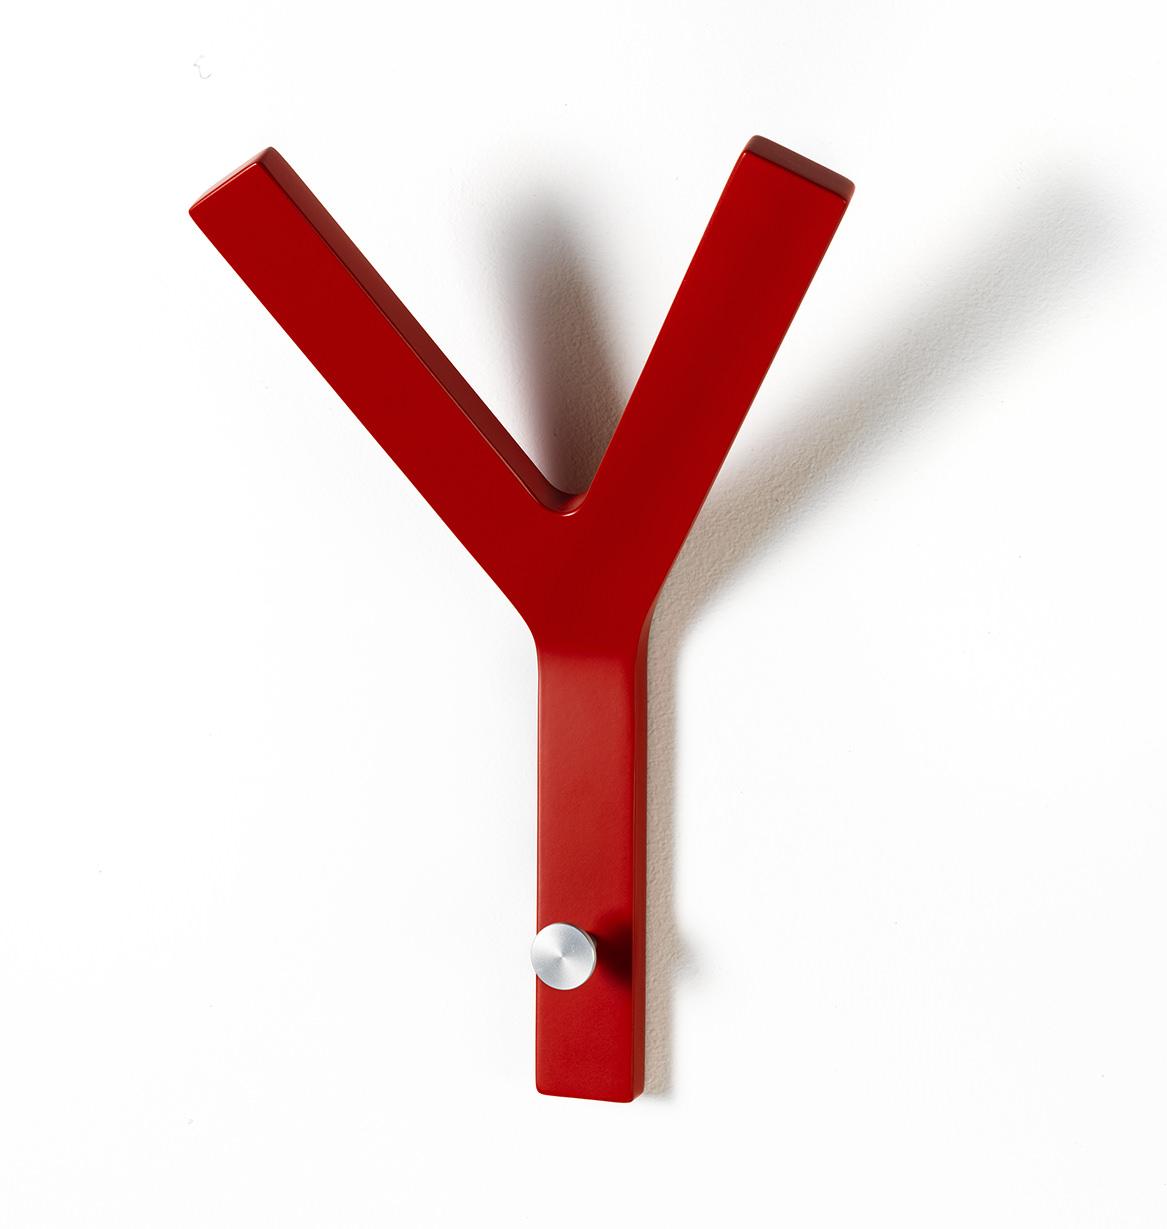 Milano y-knage fra N/A fra unoliving.com